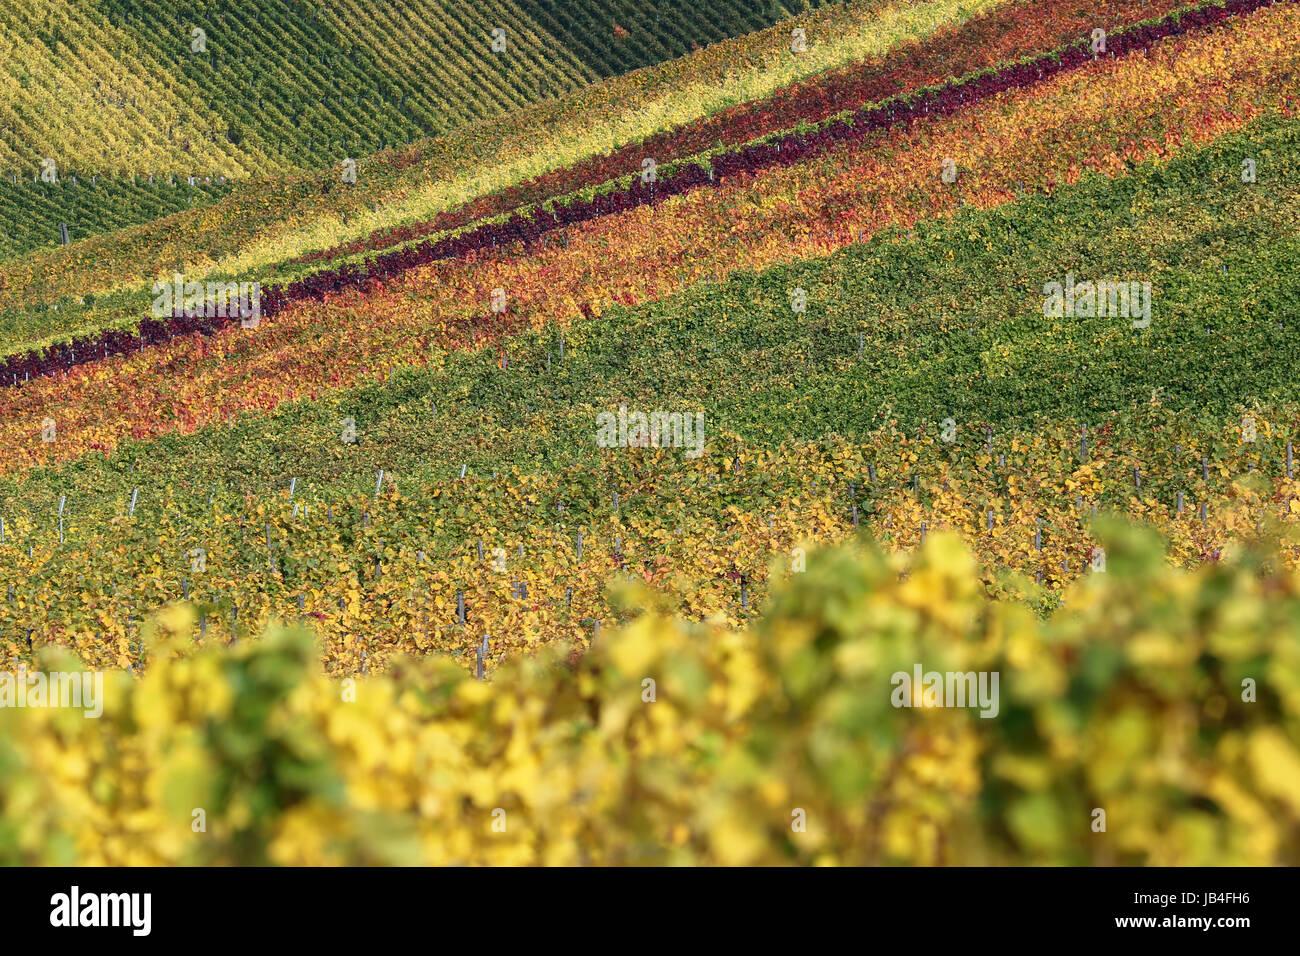 Bunte Felder mit Weinbergen im Herbst während der Weinlese der Weintrauben Stock Photo